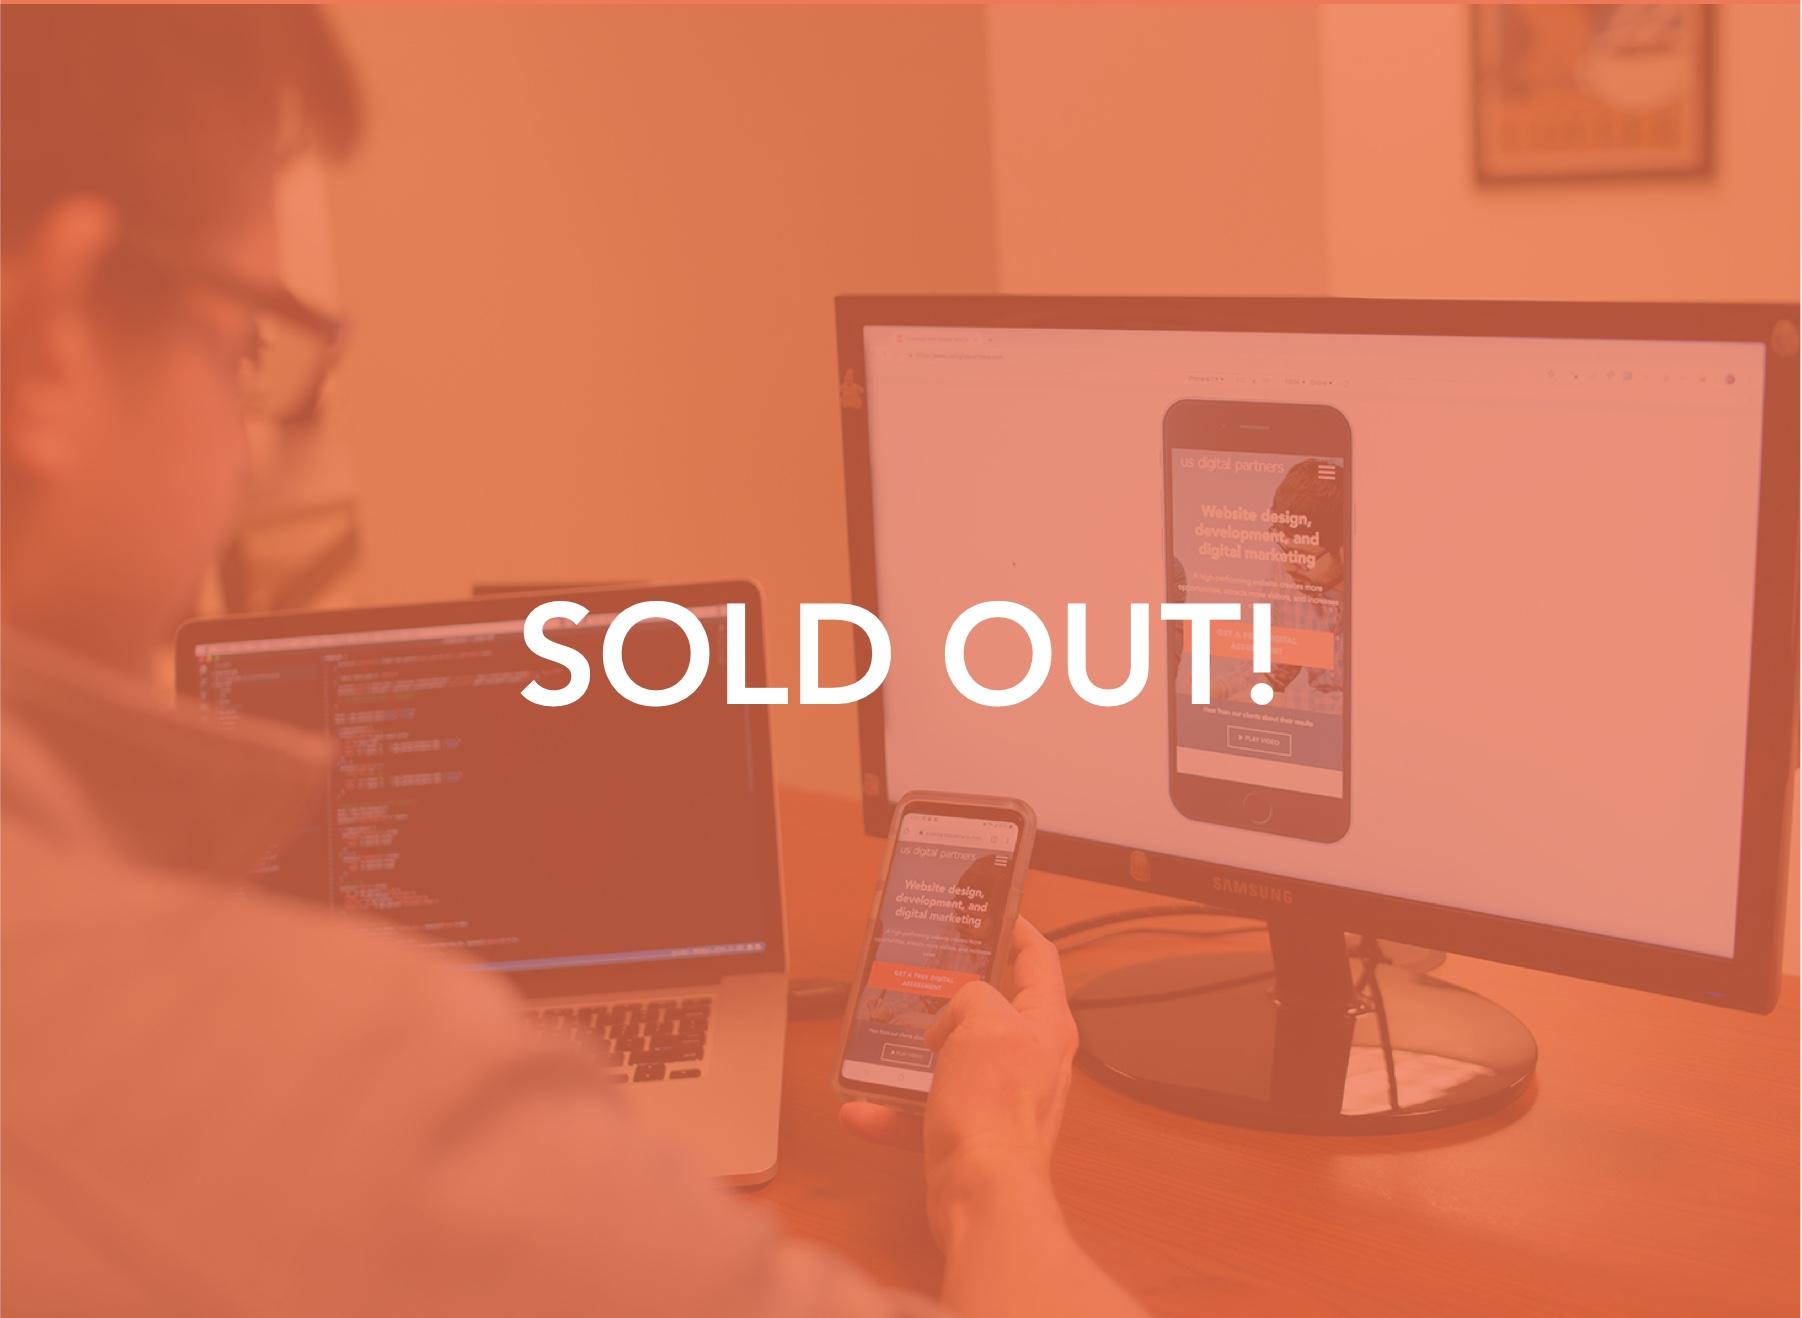 Sold out image - Cincinnati Web Design